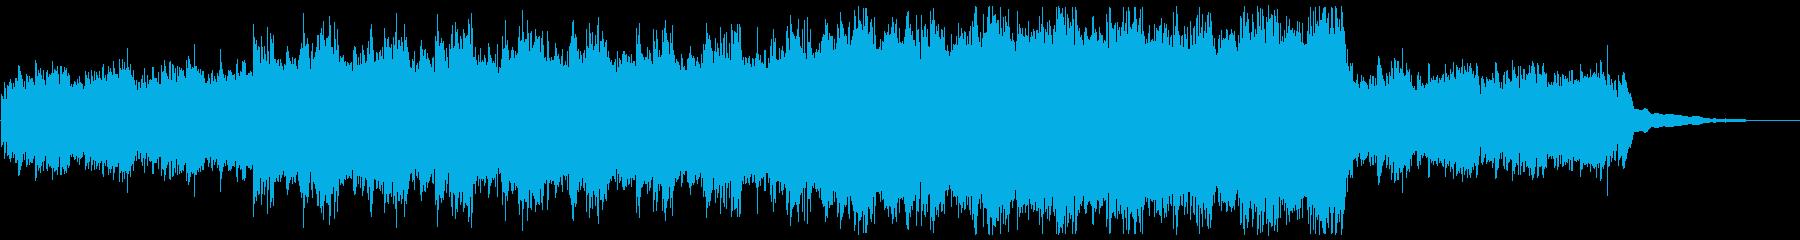 幻想的、神秘的エンディングの再生済みの波形